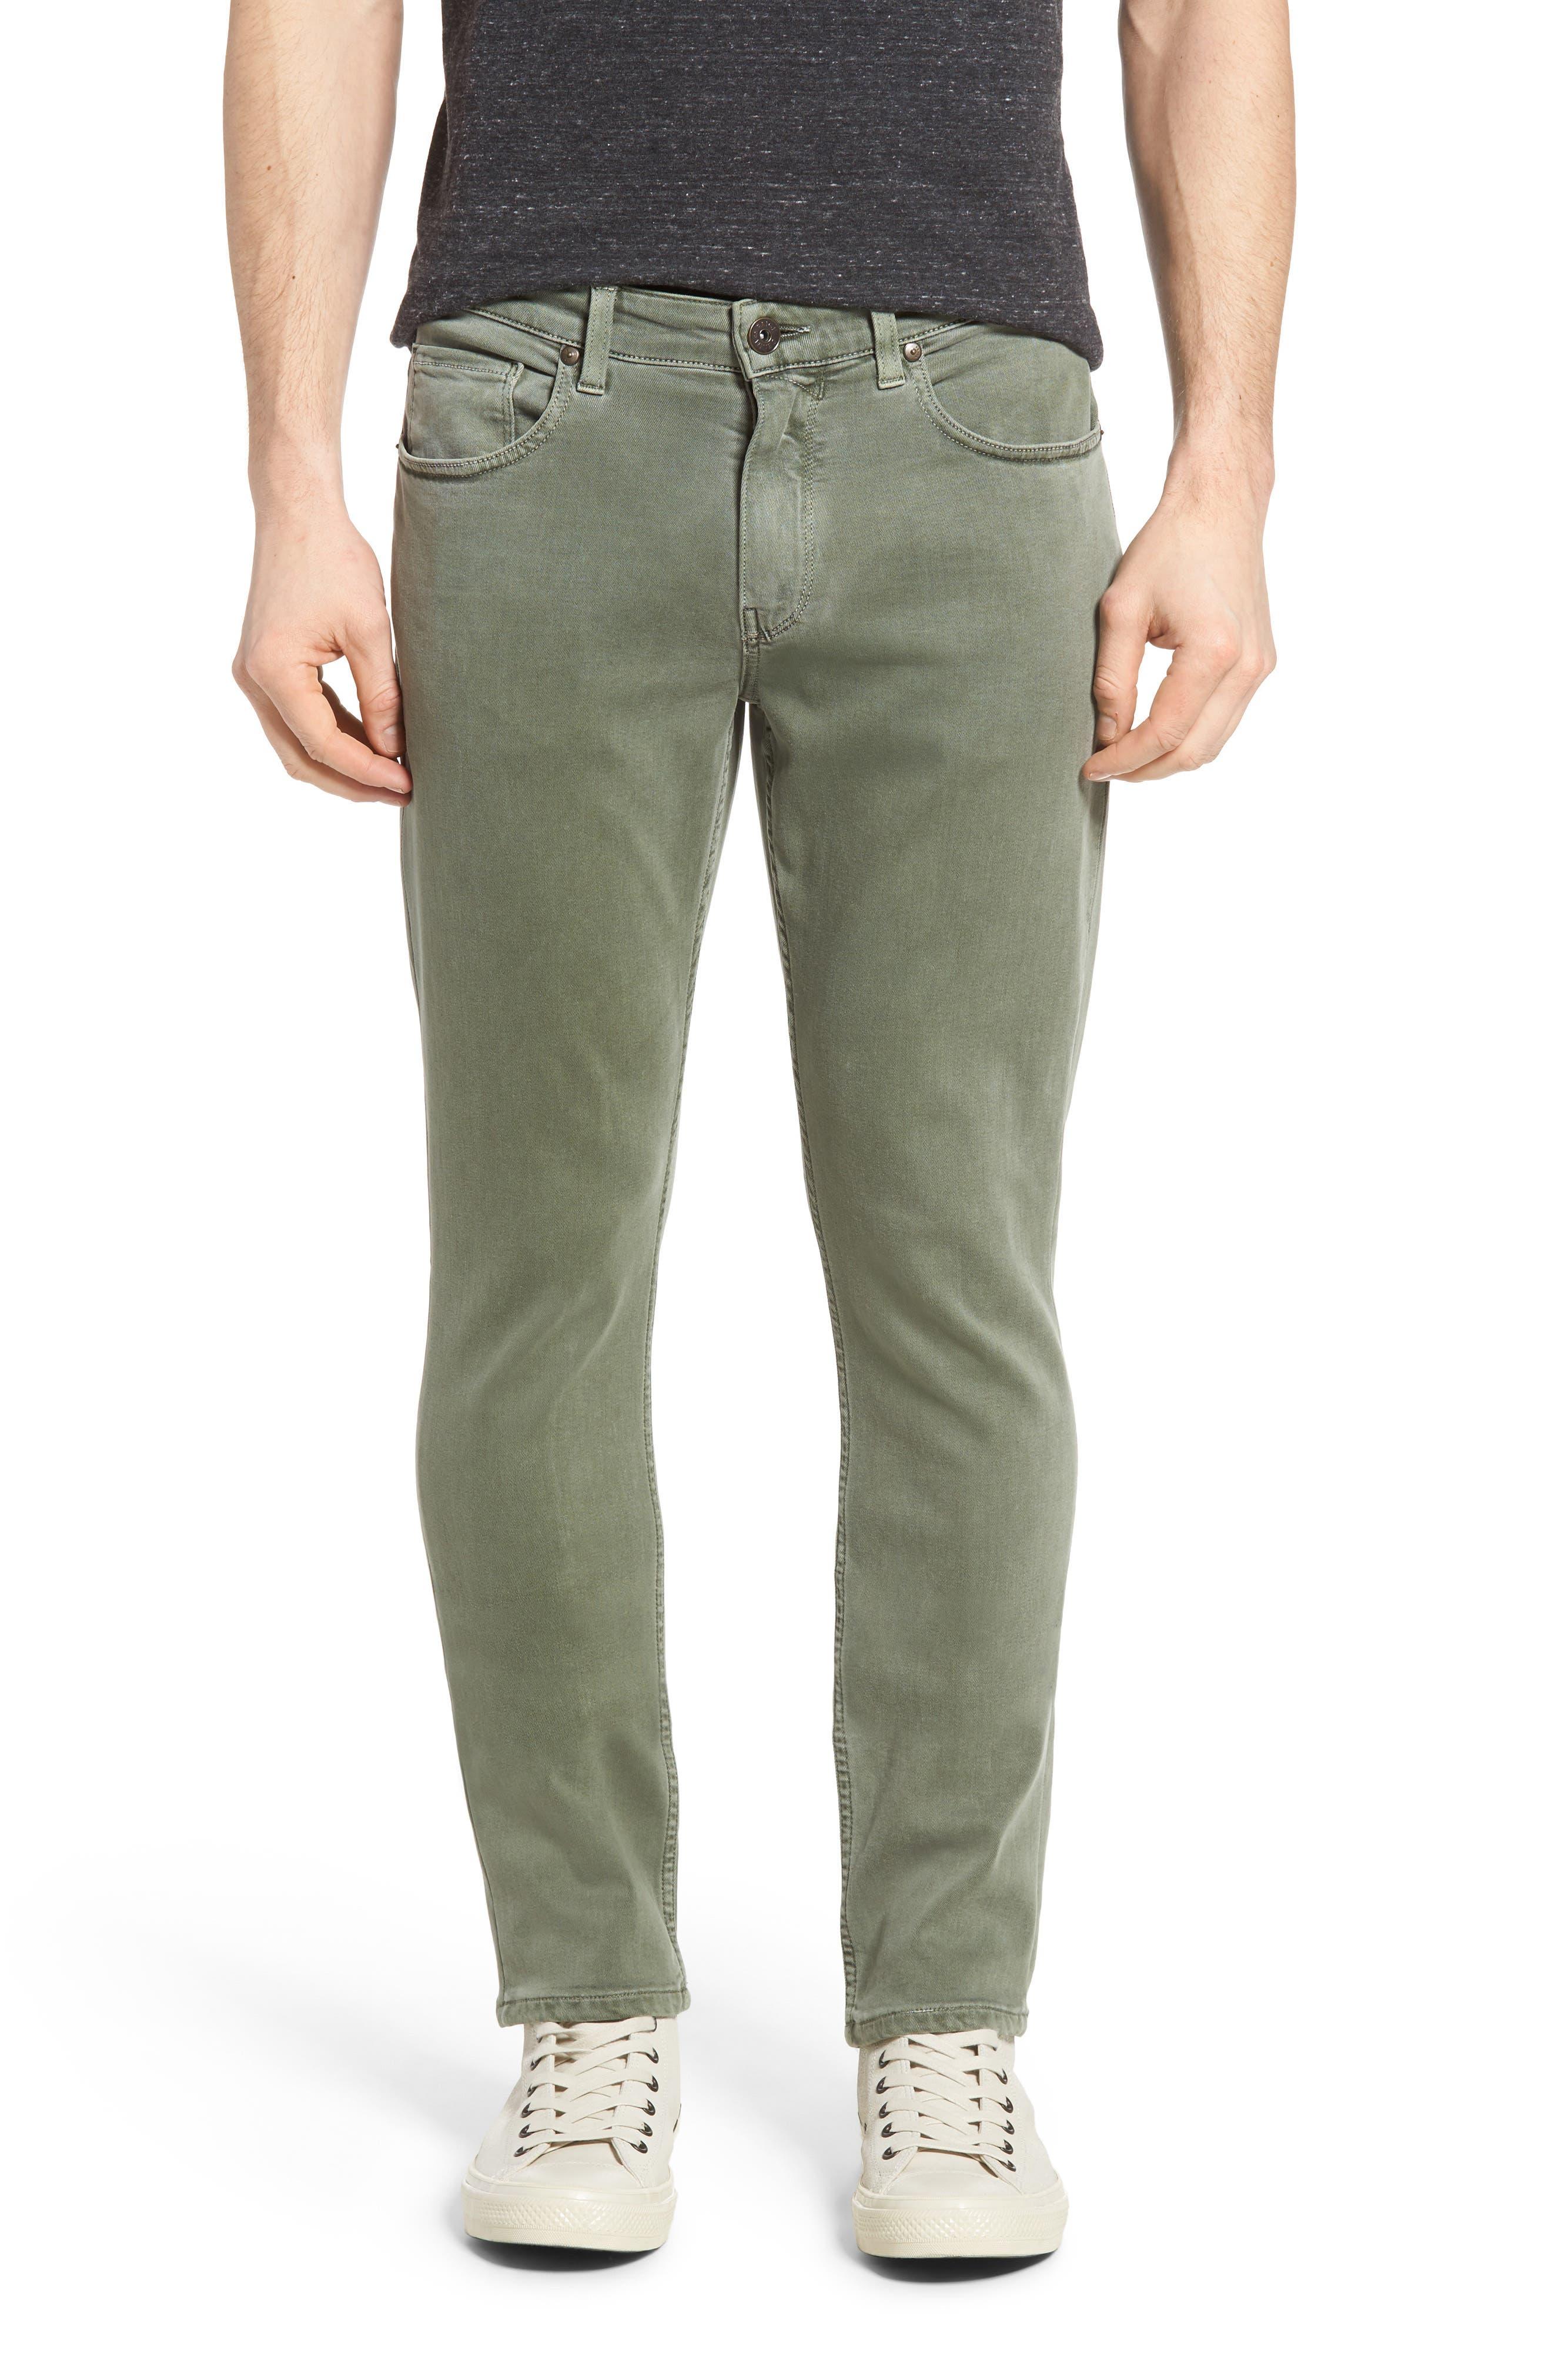 Transcend - Lennox Slim Fit Jeans,                             Main thumbnail 1, color,